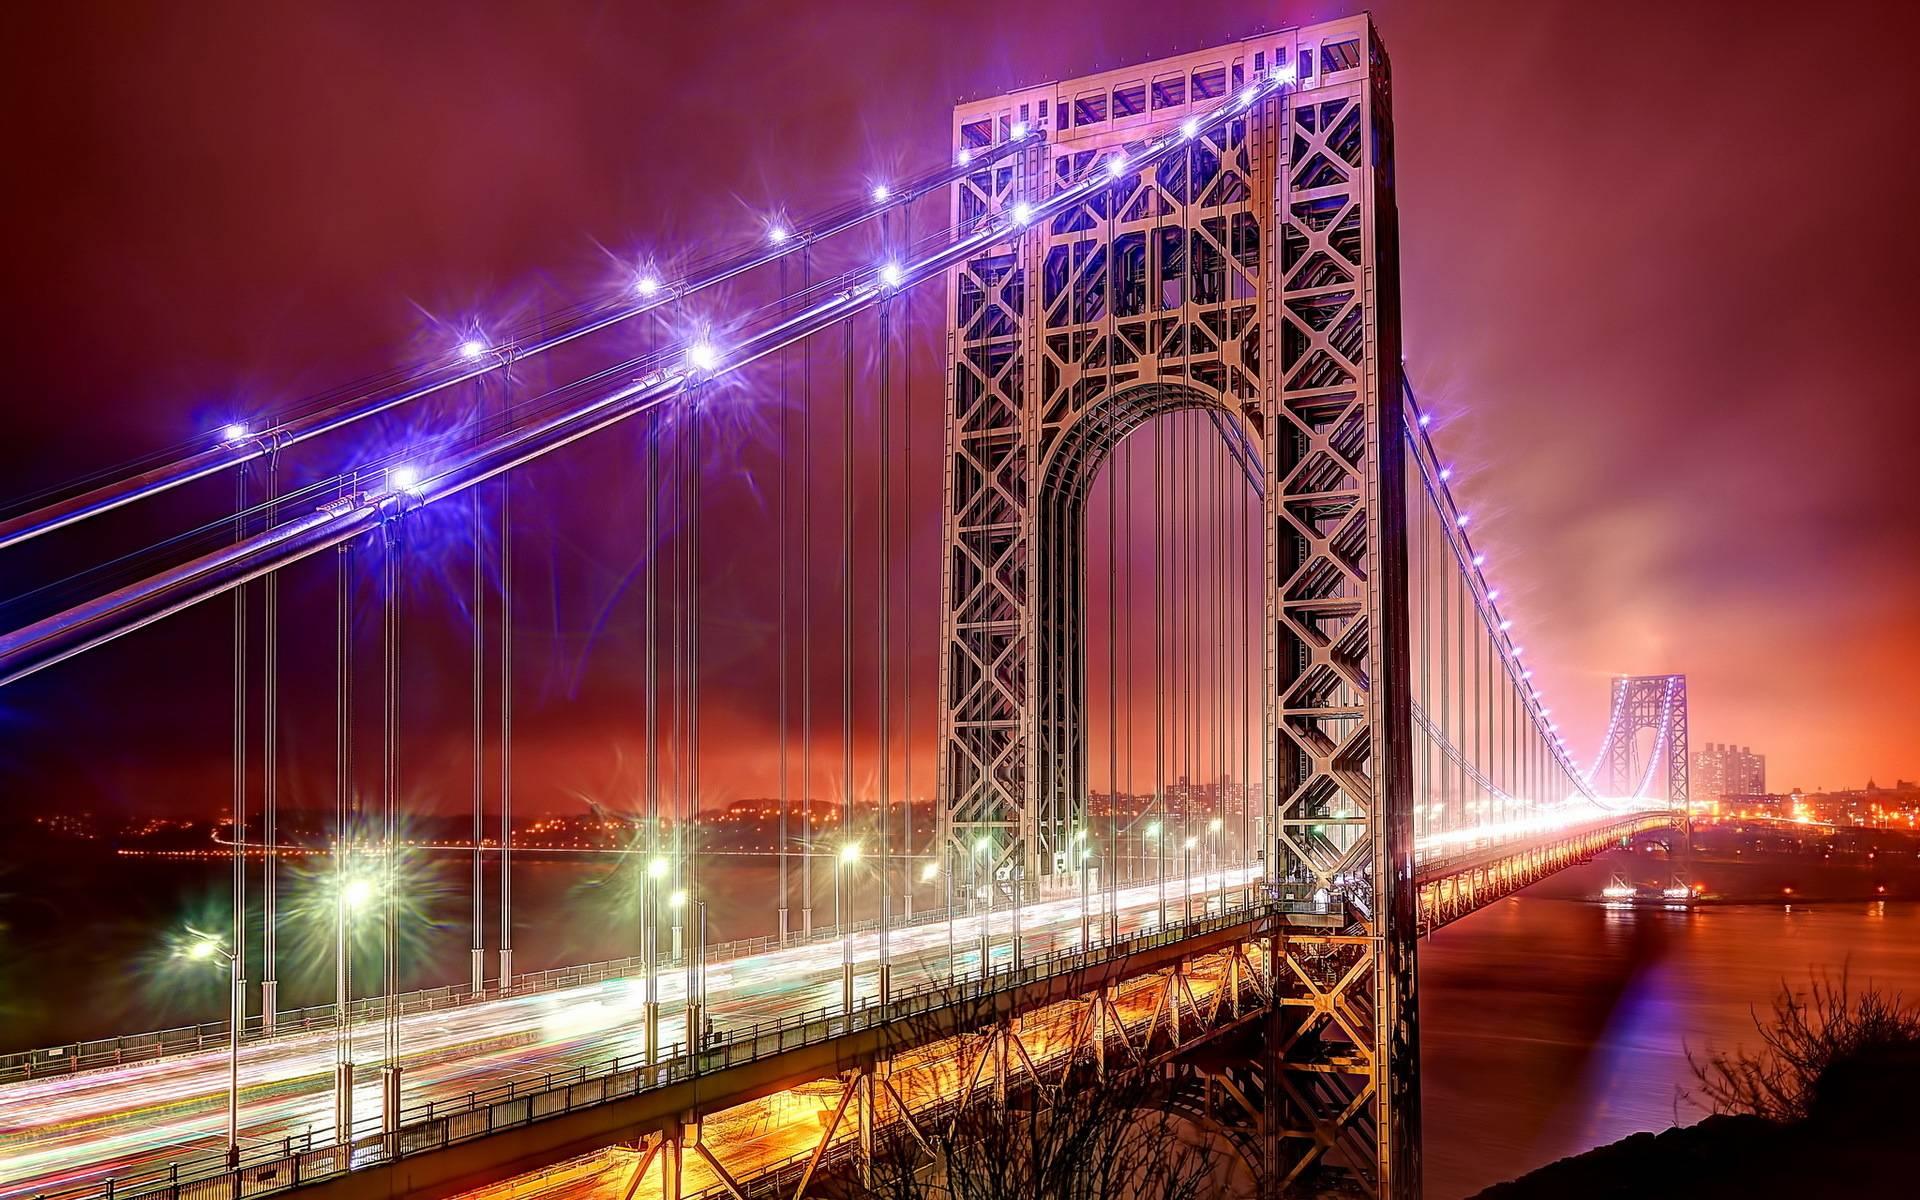 Картинки на телефон мосты